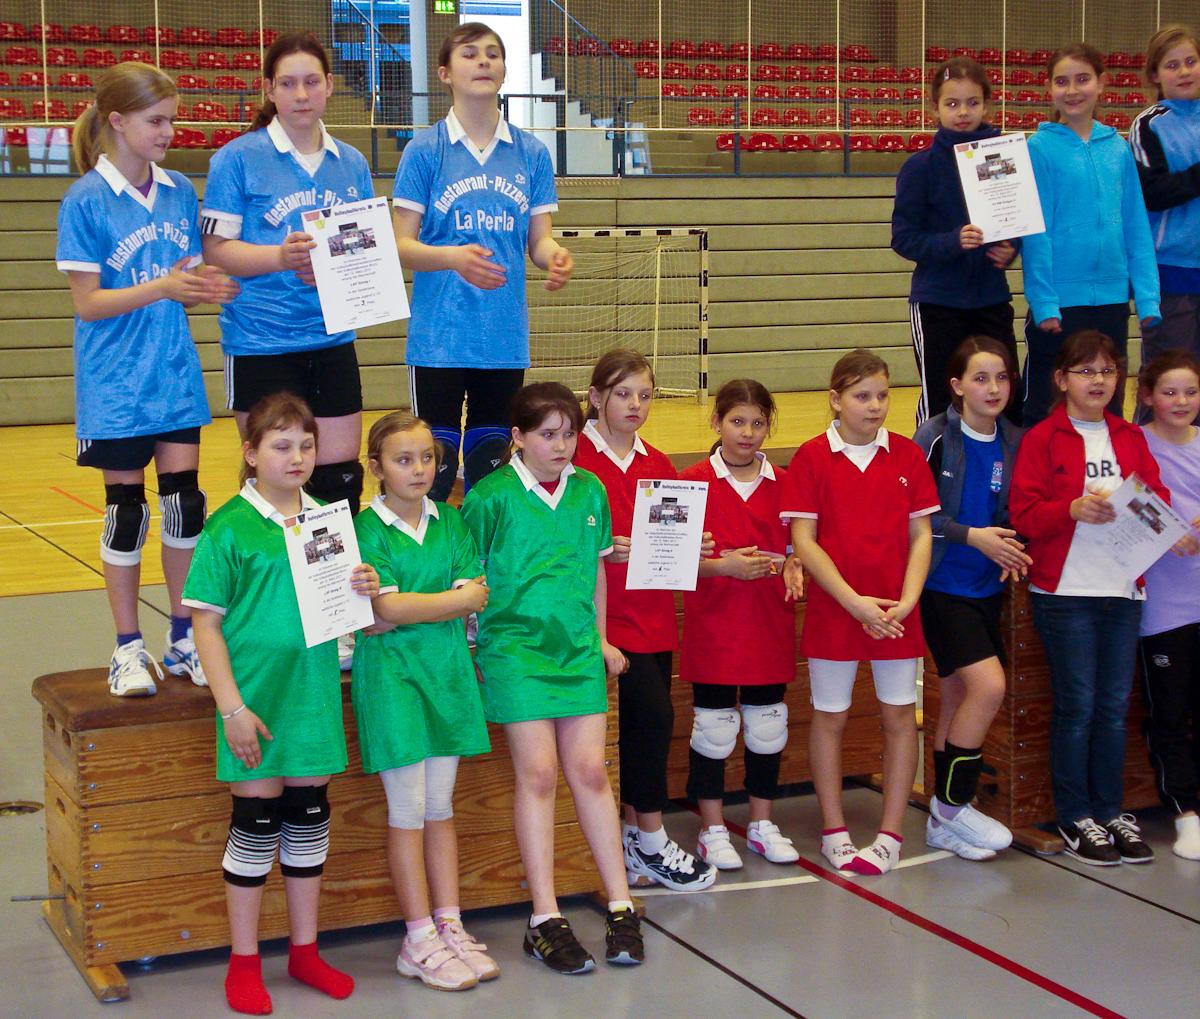 Sinziger Volleyball-Nachwuchs bei einem Turnier in Bonn